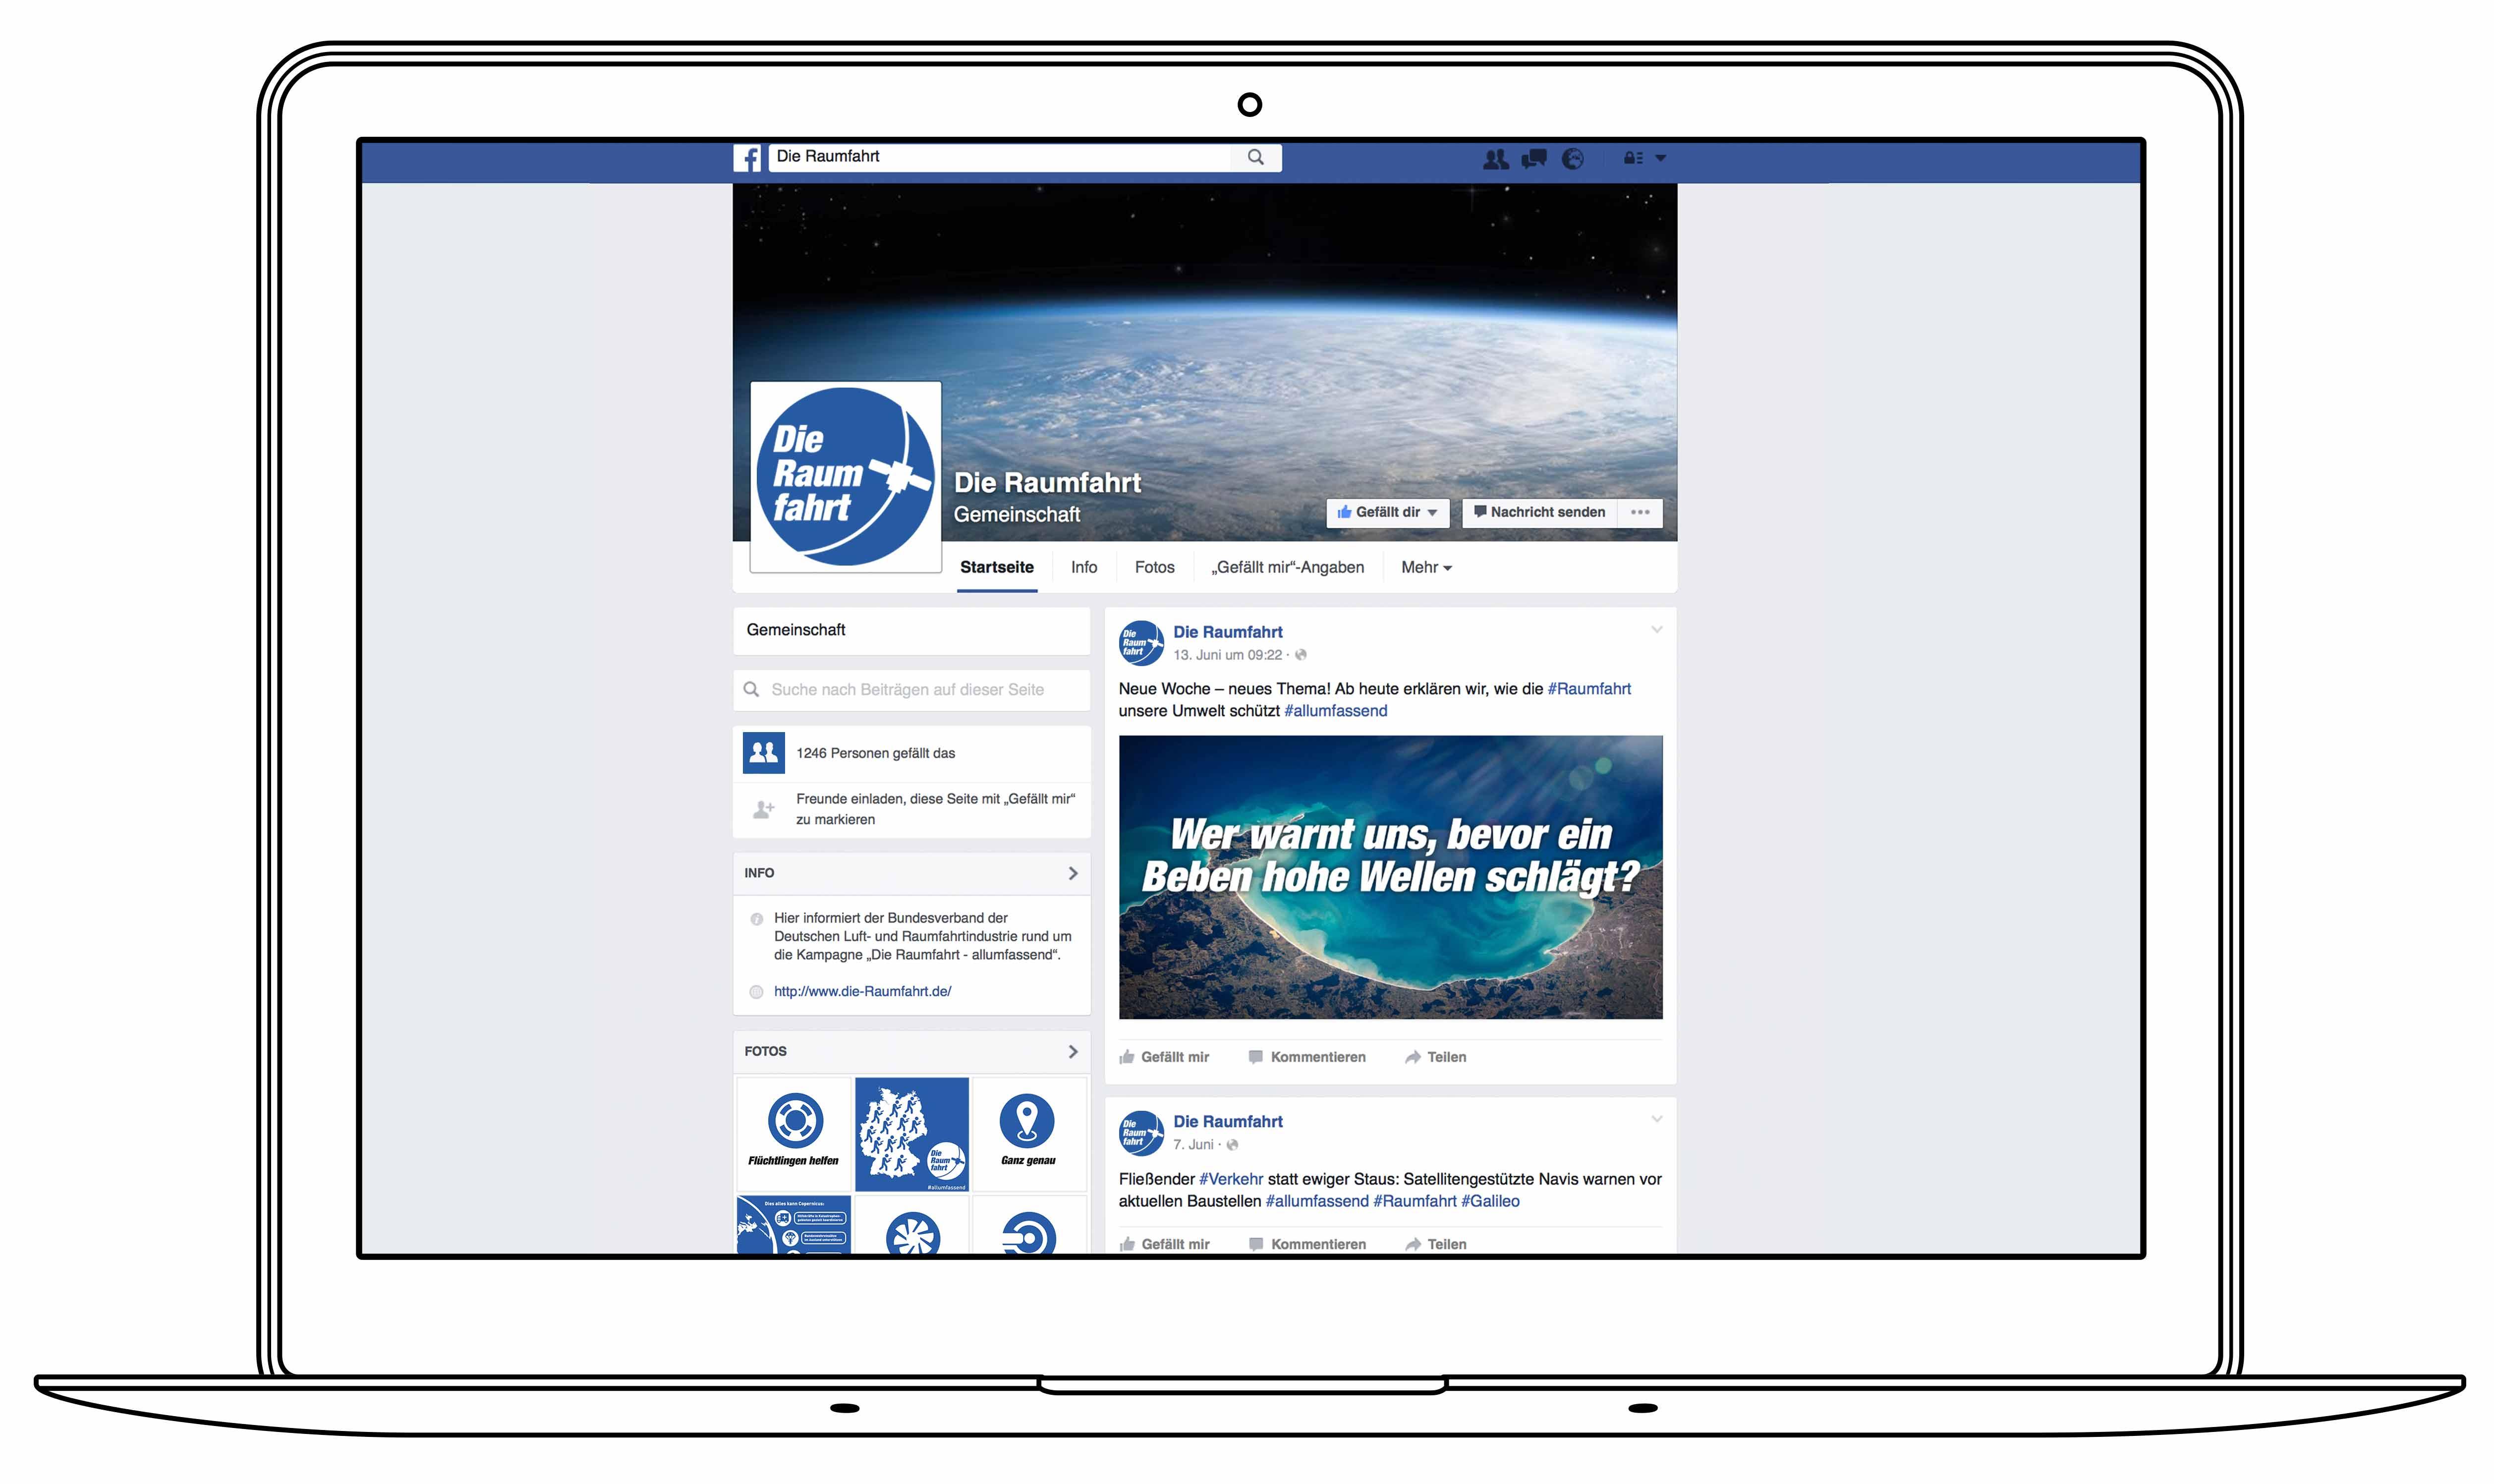 BDLI - Die Raumfahrt - Facebook Page